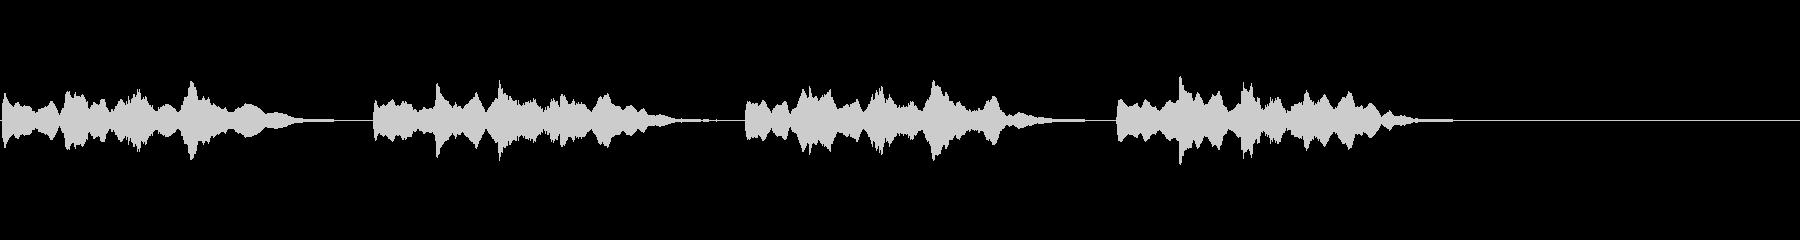 チャイムの未再生の波形